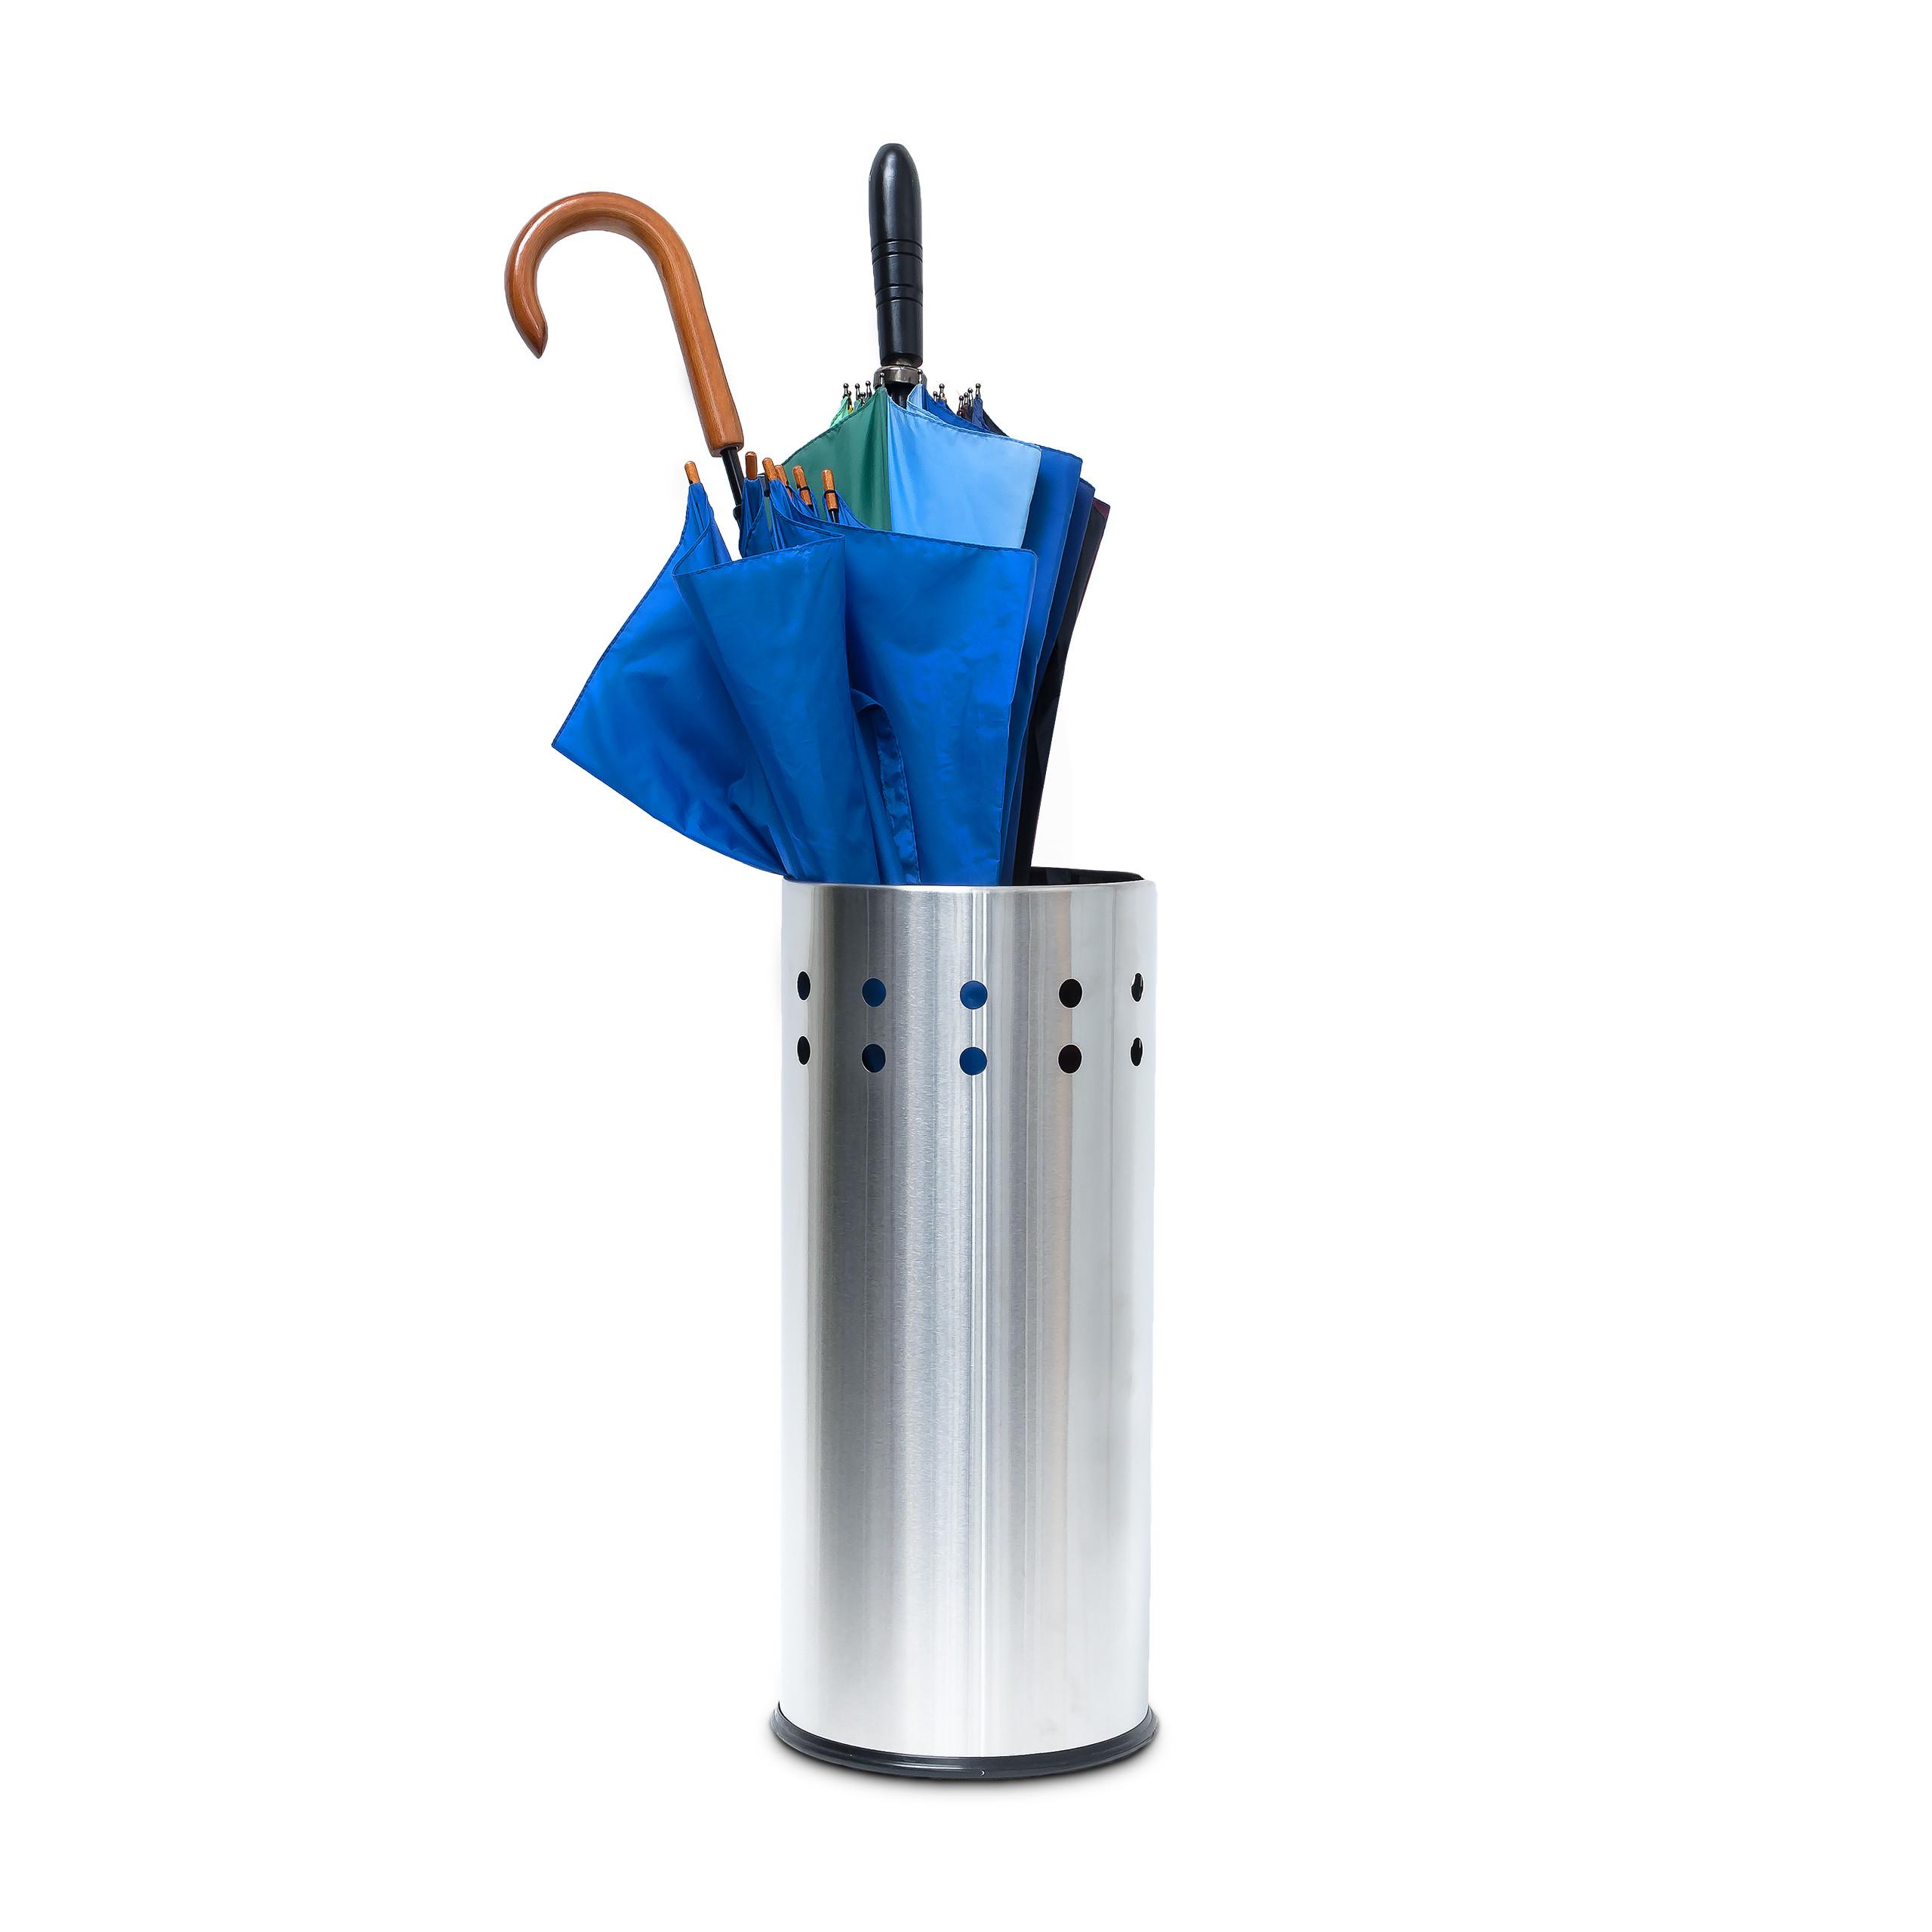 Schirmständer Edelstahl Schirmhalter Regenschirmhalter Regenschirmständer 50 cm